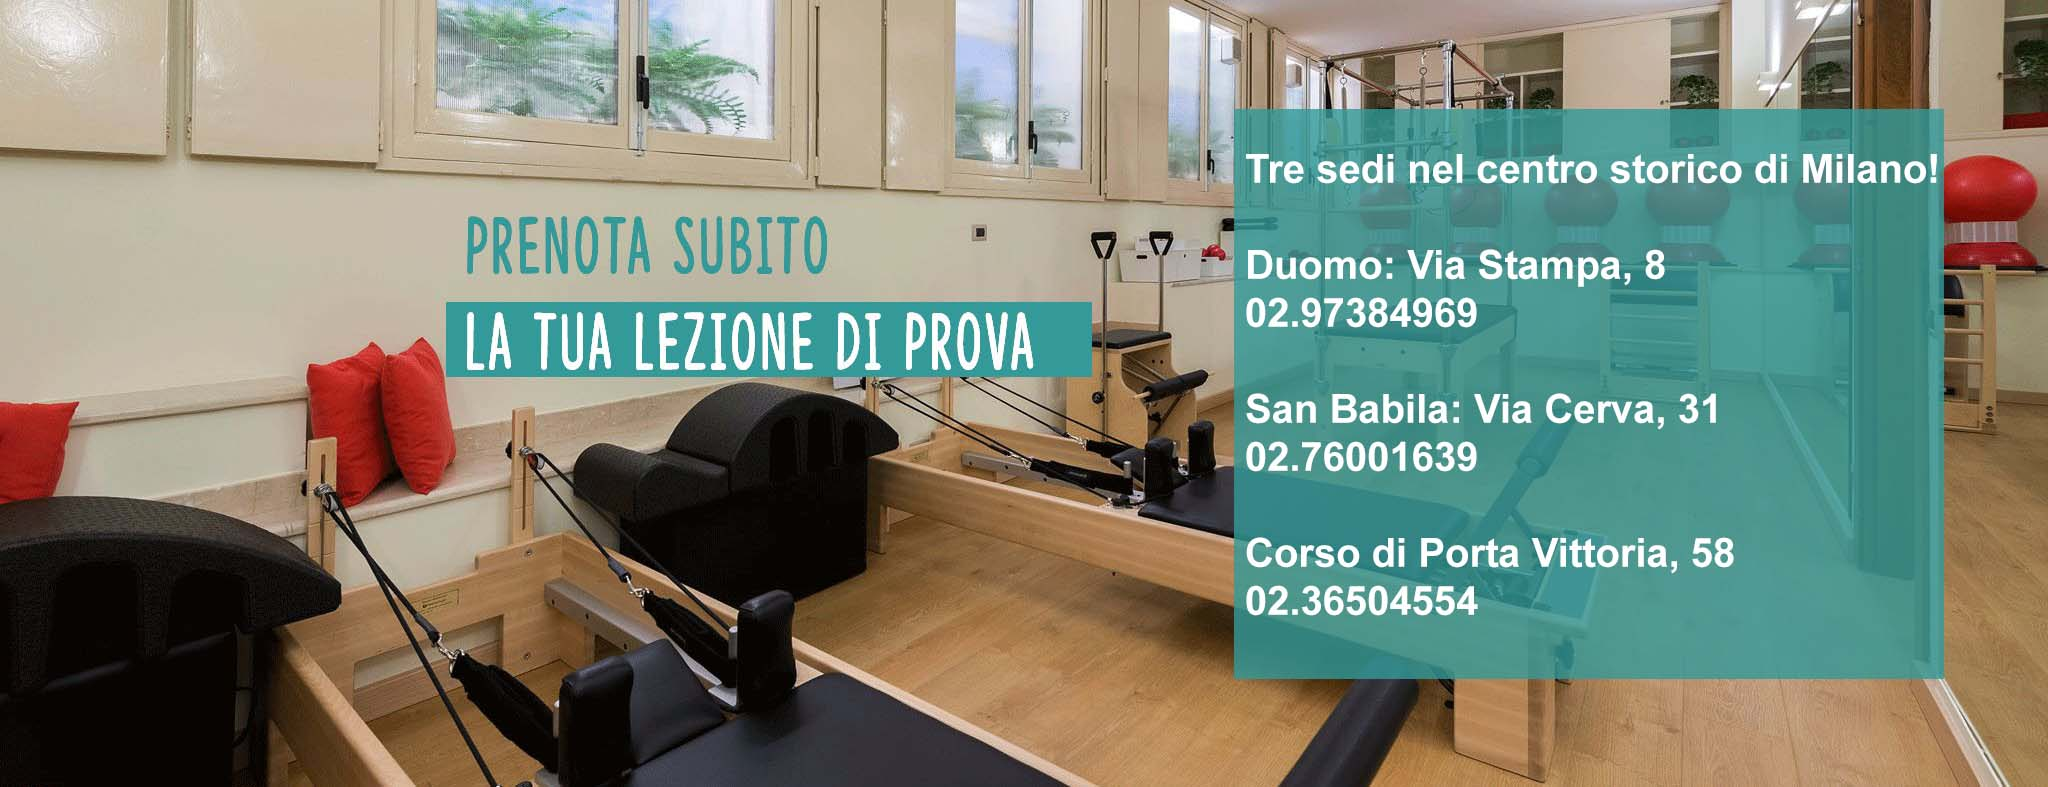 Corsi Di Pilates Porta Tenaglia Milano - Prenota subito la tua lezione di prova